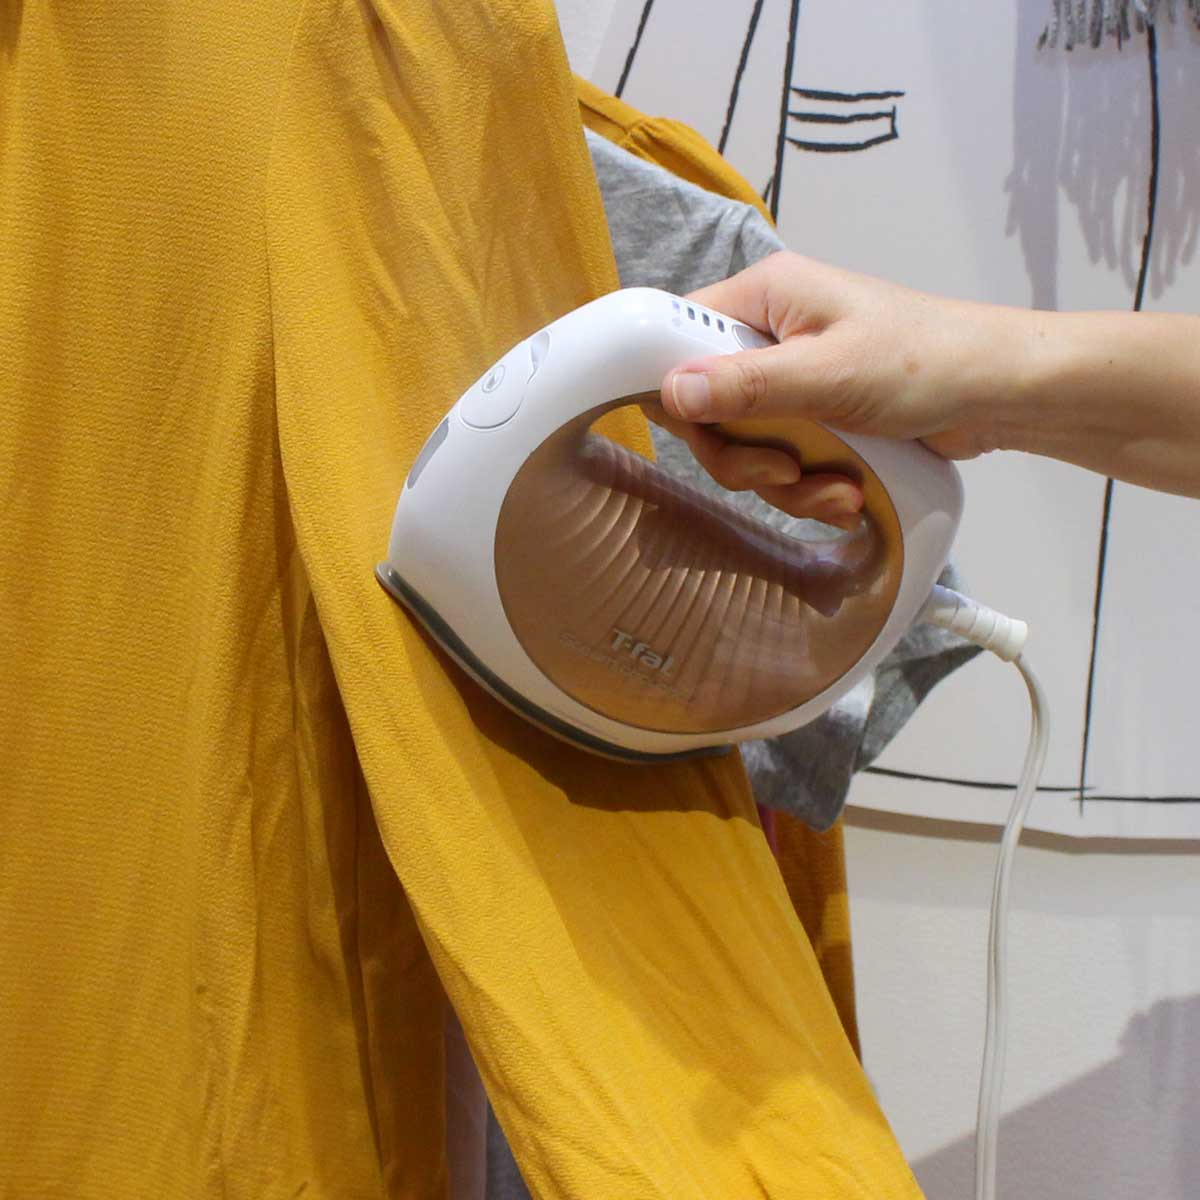 かわいくて実力派! ティファールの新しい衣類スチーマー「スチーム シュシュ」